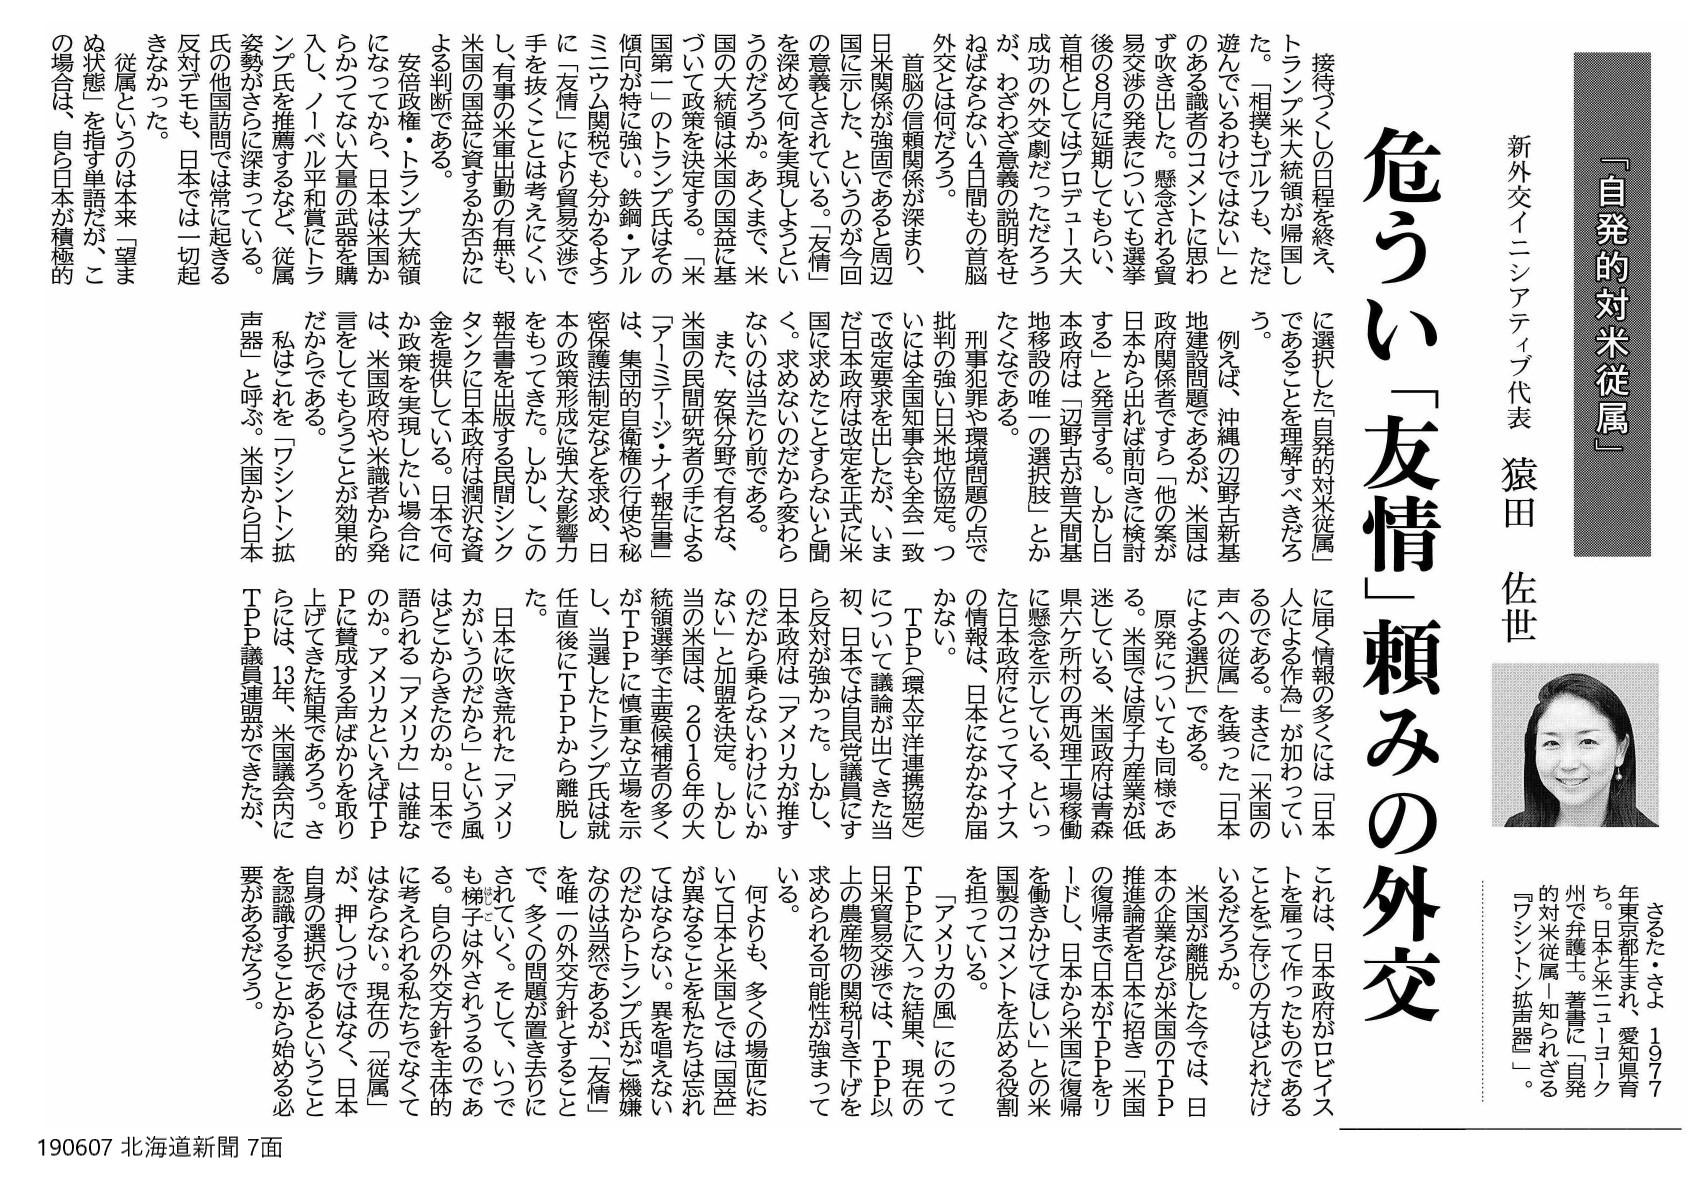 自発的対米従属」 危うい「友情」頼みの外交|コンテンツ|New ...